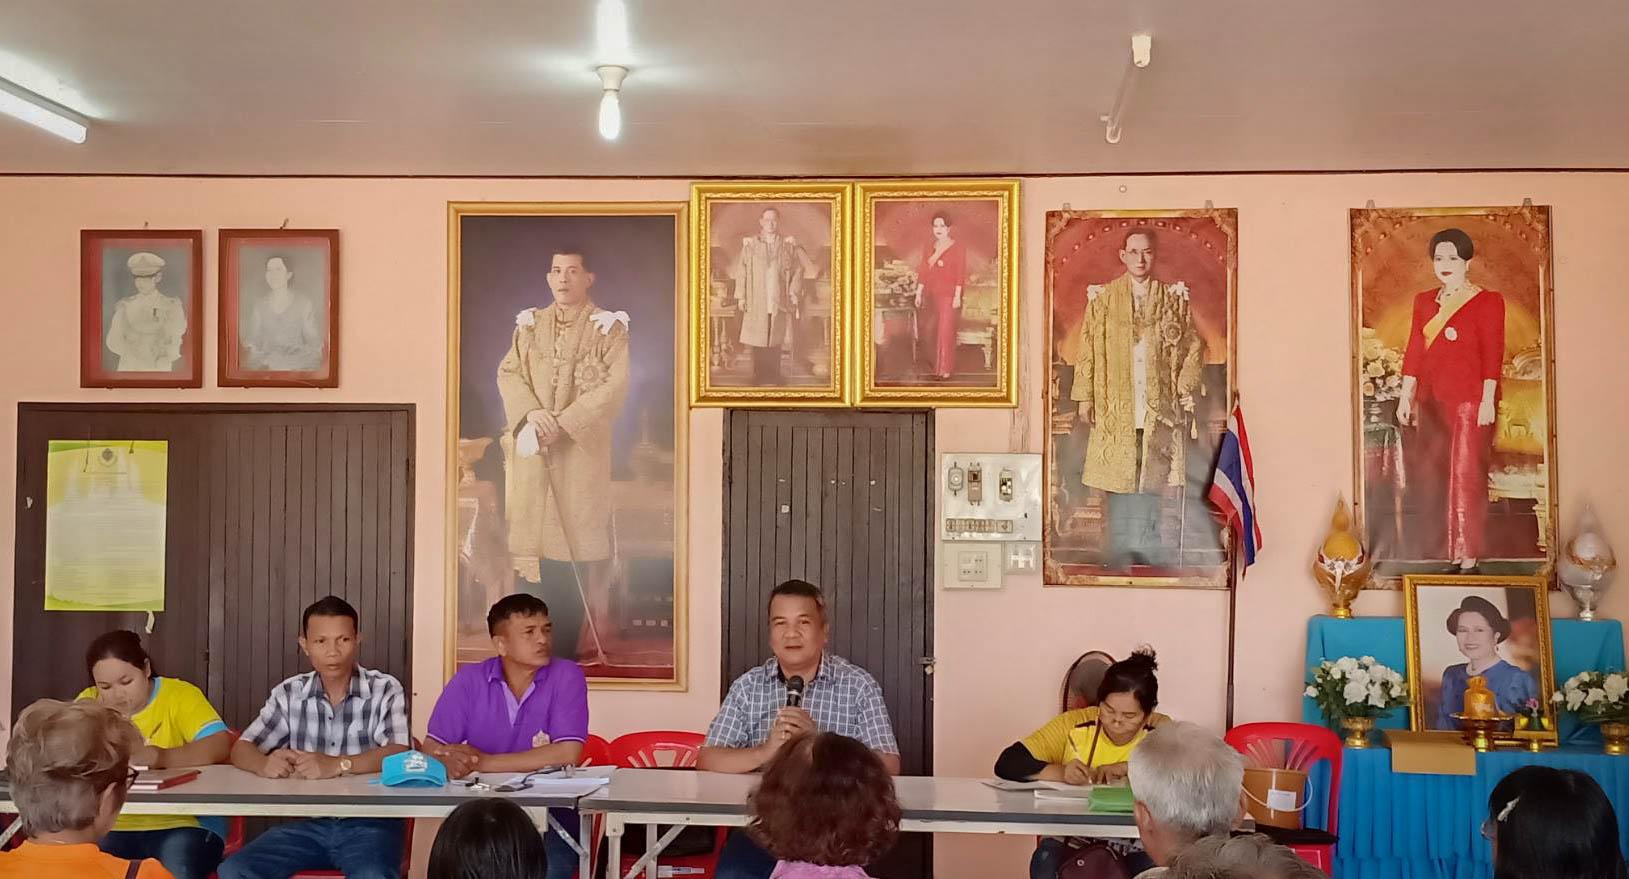 กปภ.สาขาตราดร่วมประชุมประชาคมรับโอนกิจการประปาอบต.ท่าโสม บ้านชายธง